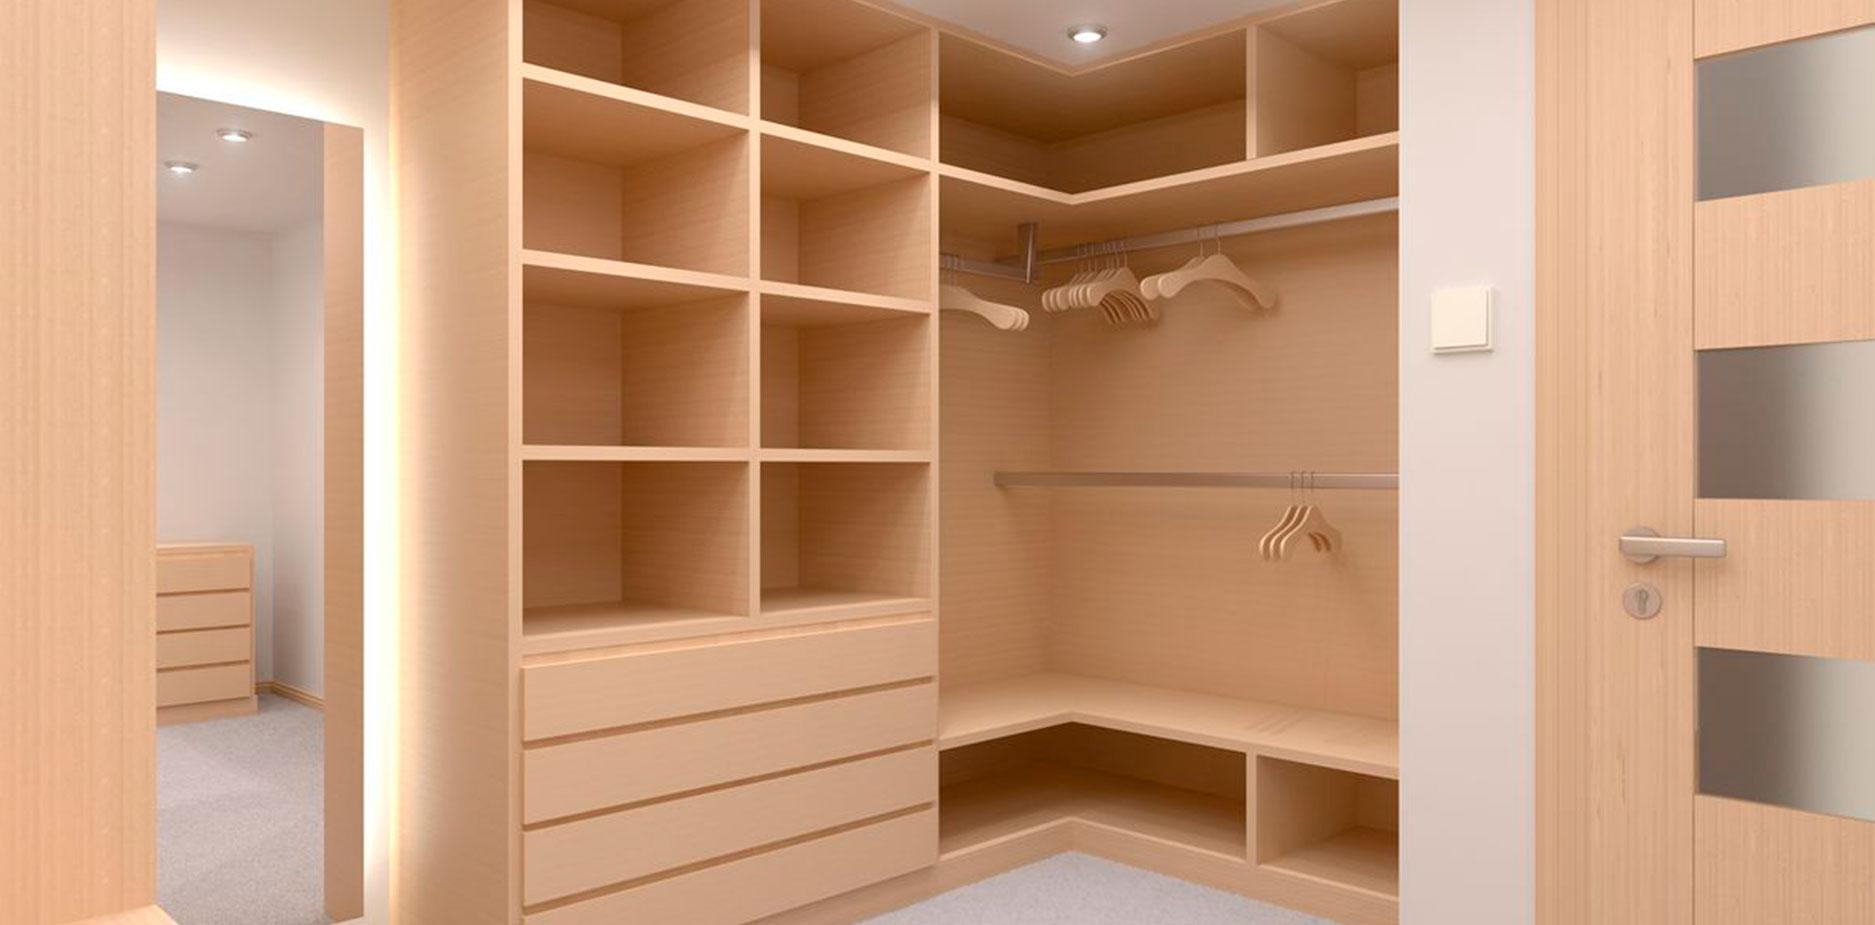 El mueble armarios mueble de saln para tv blancoroble for El mueble armarios